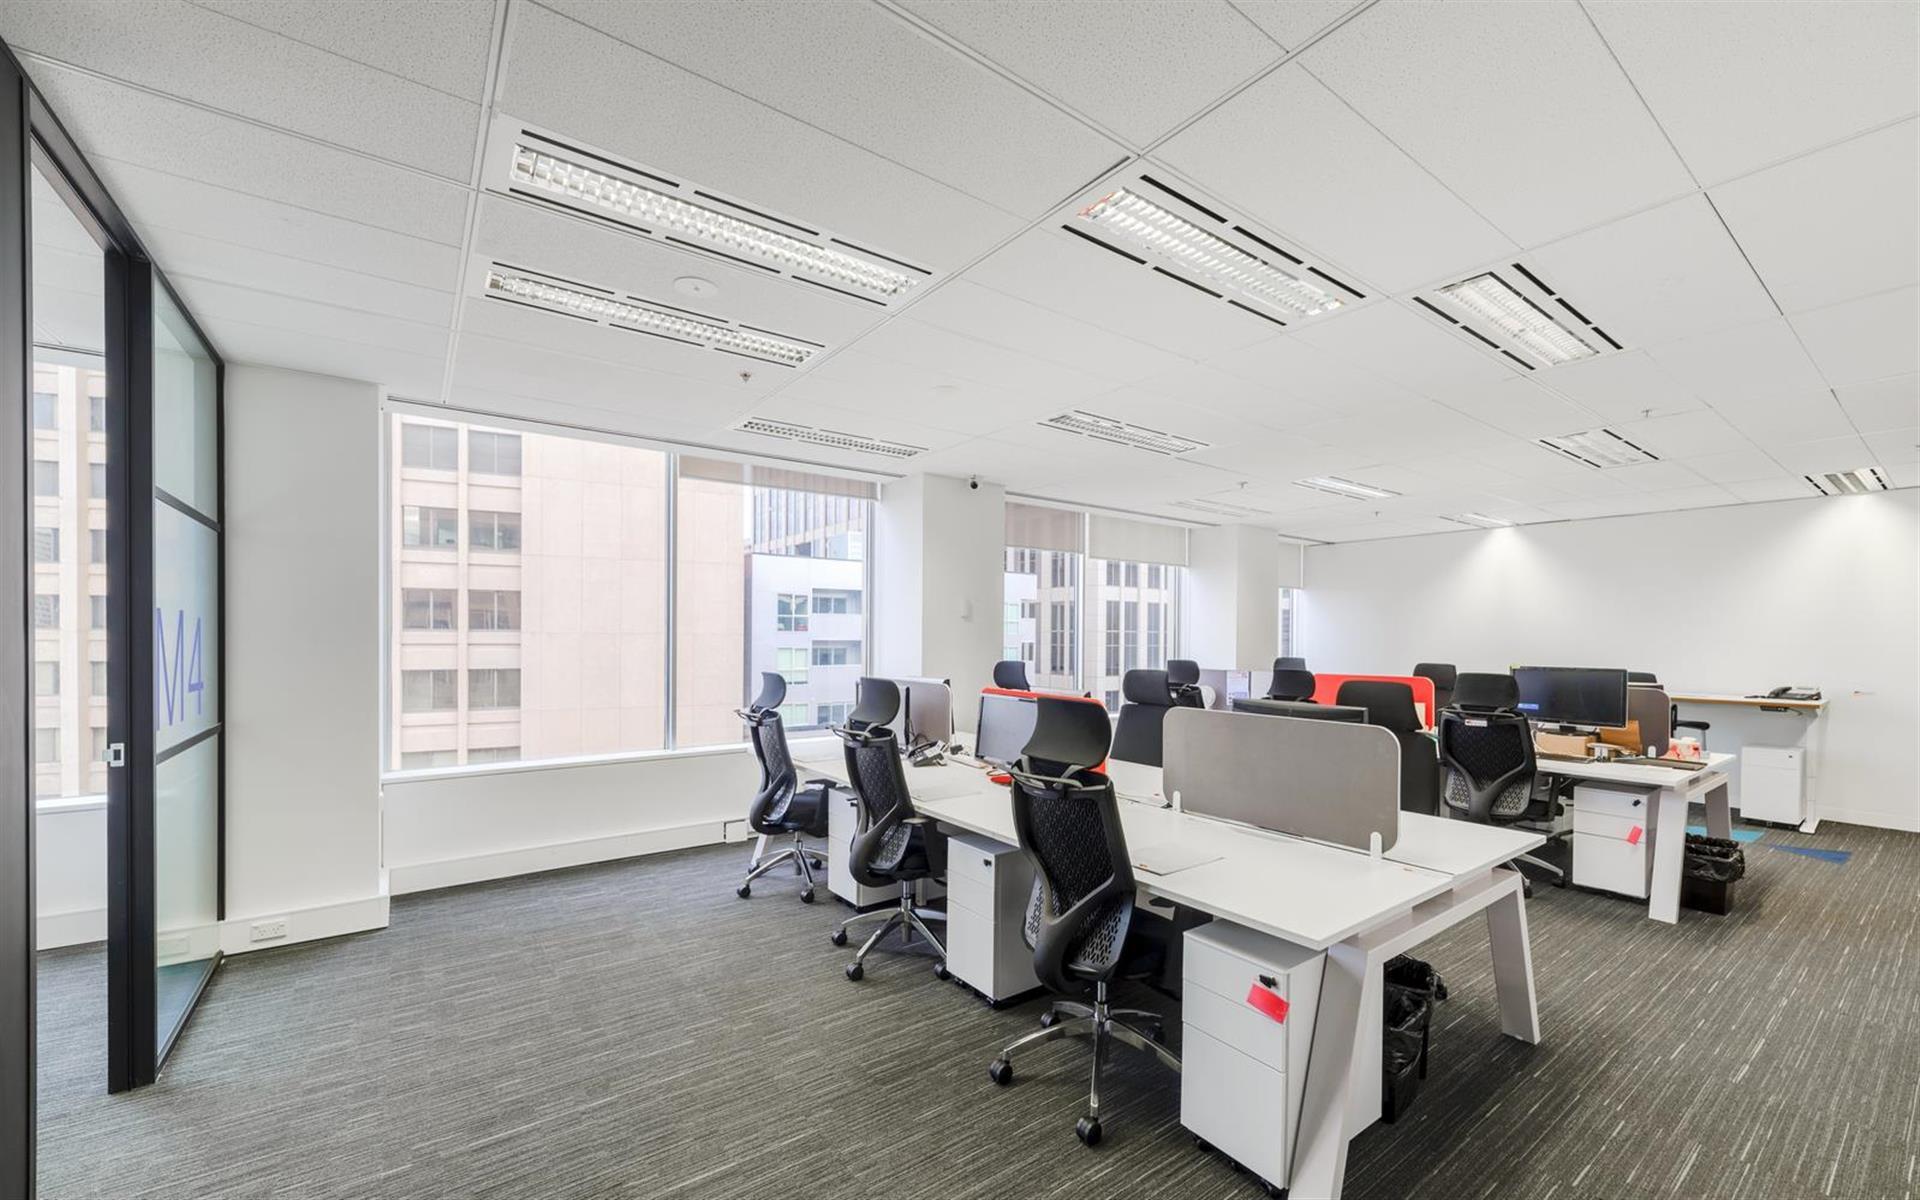 330 Collins Street Business Centre - Open Flexidesk  2 days per week